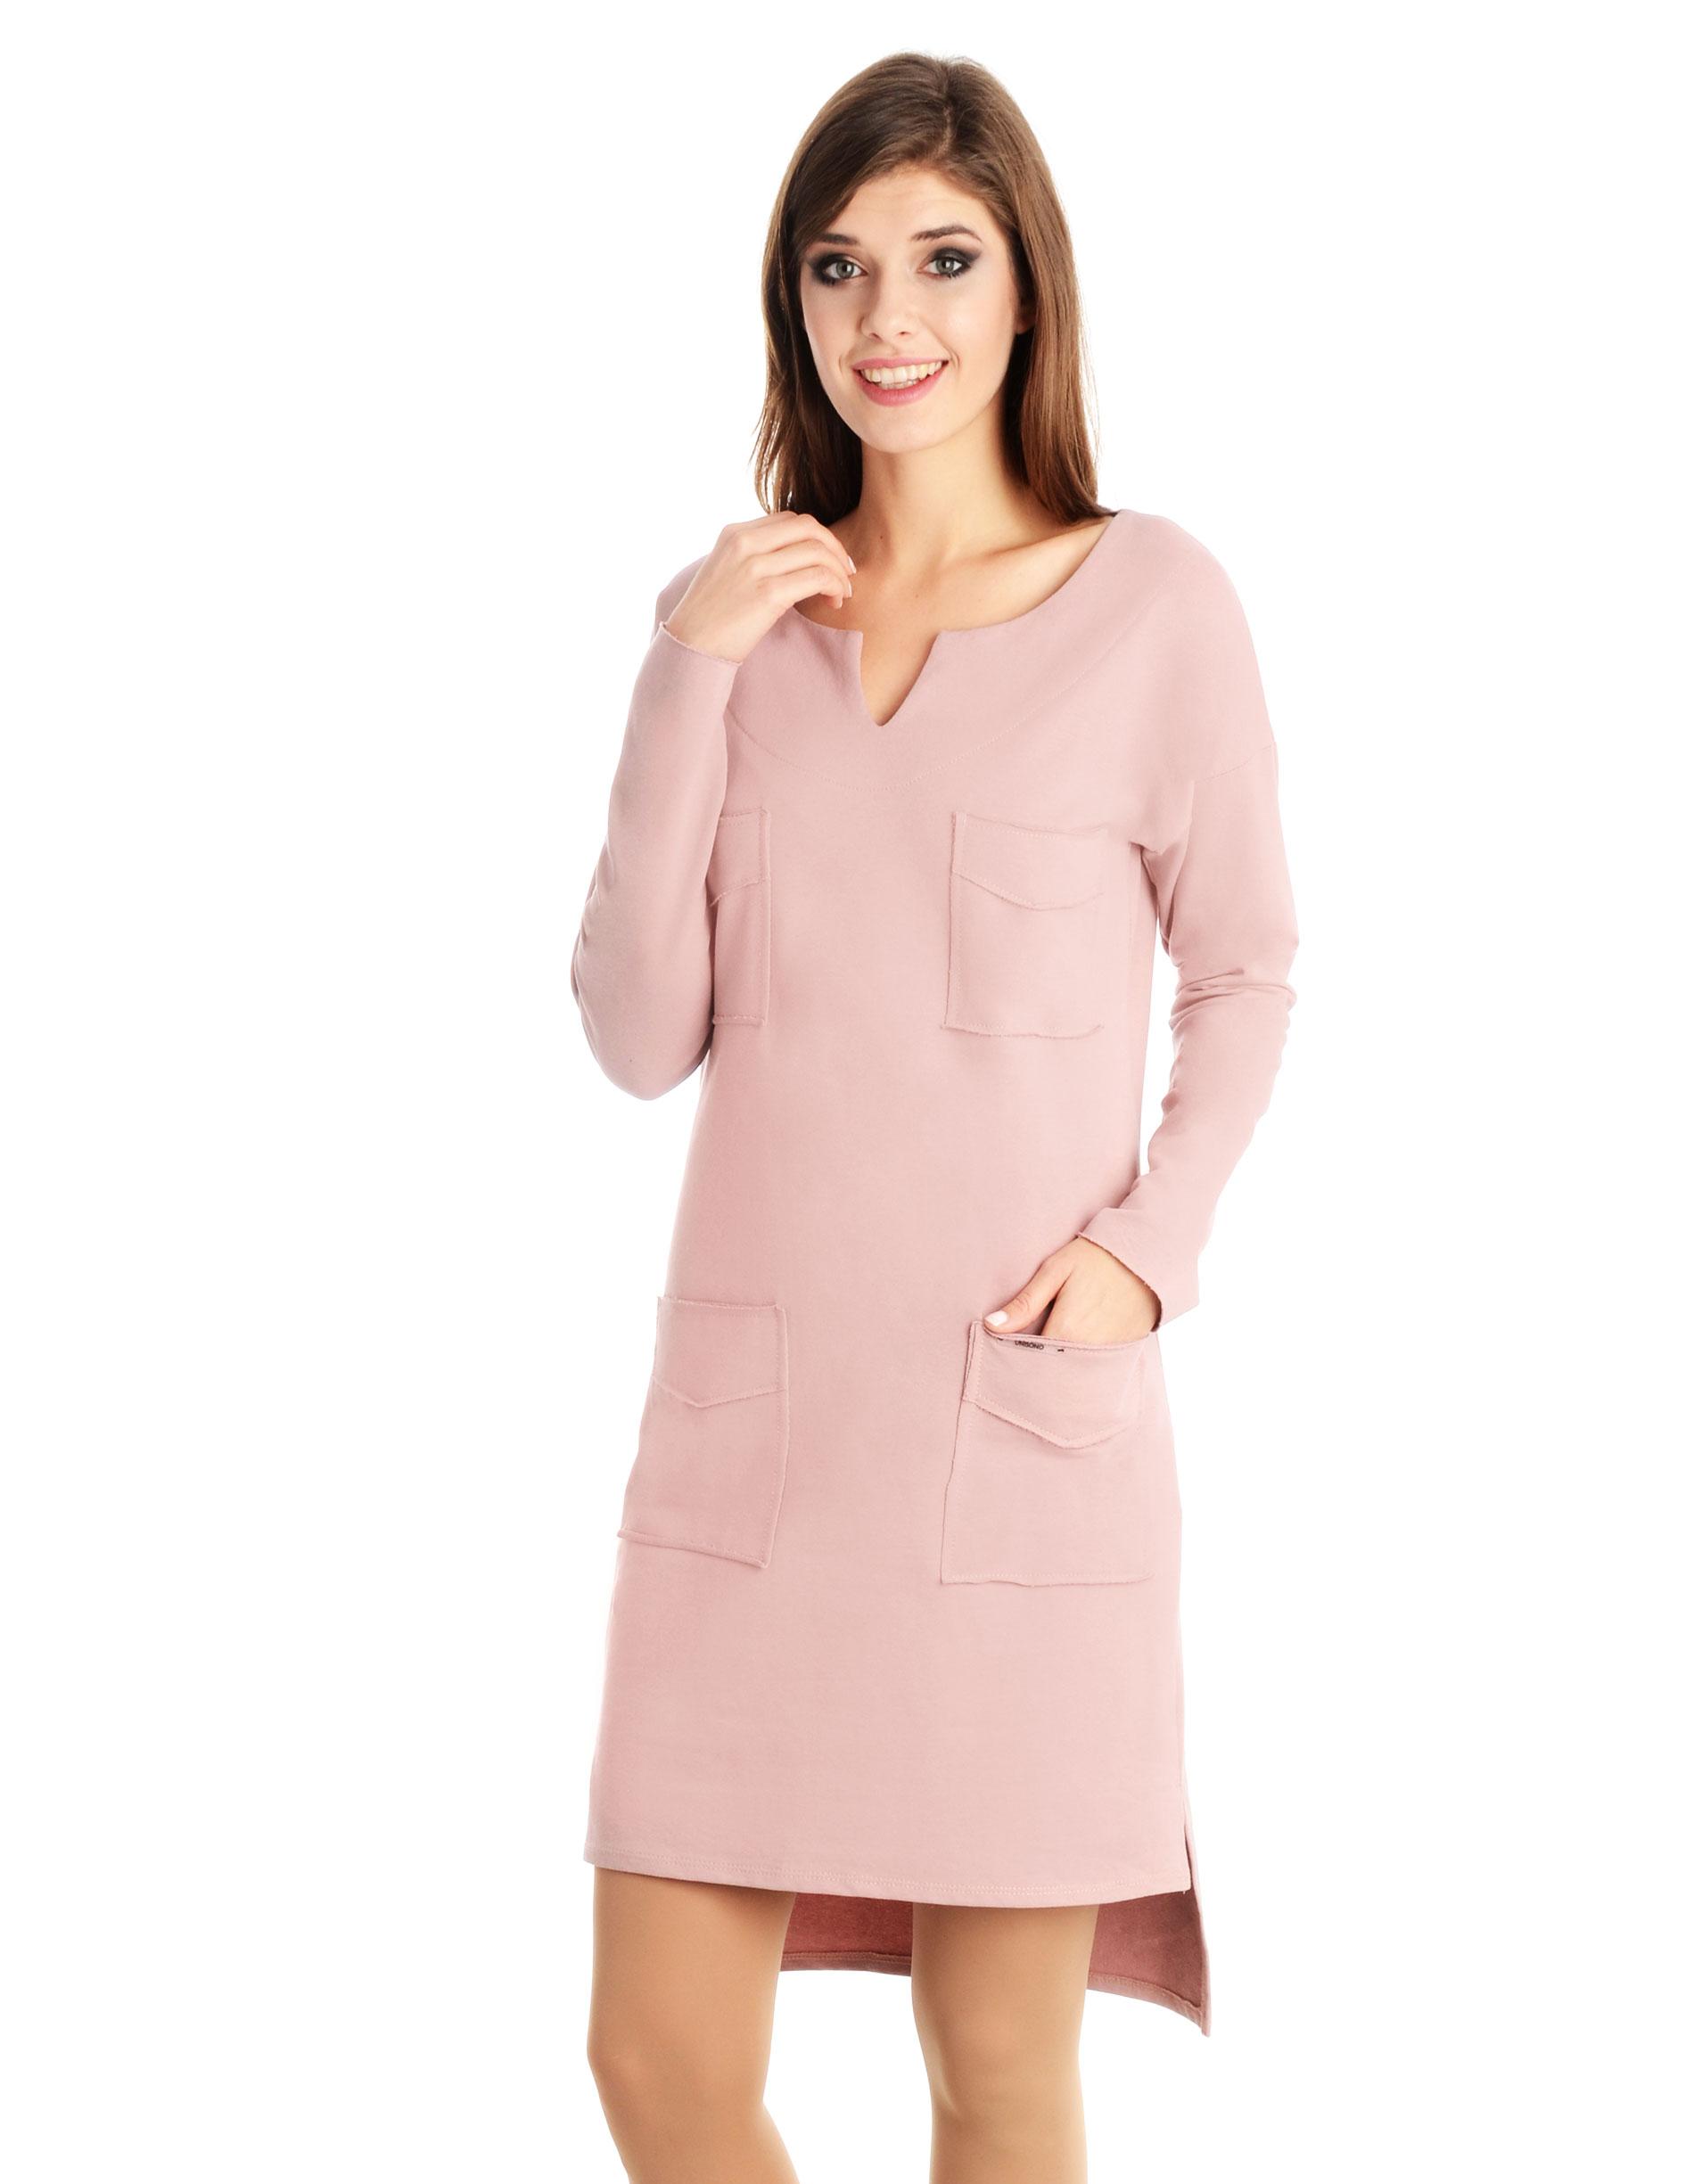 Sukienka - 30-86217 ROAN - Unisono